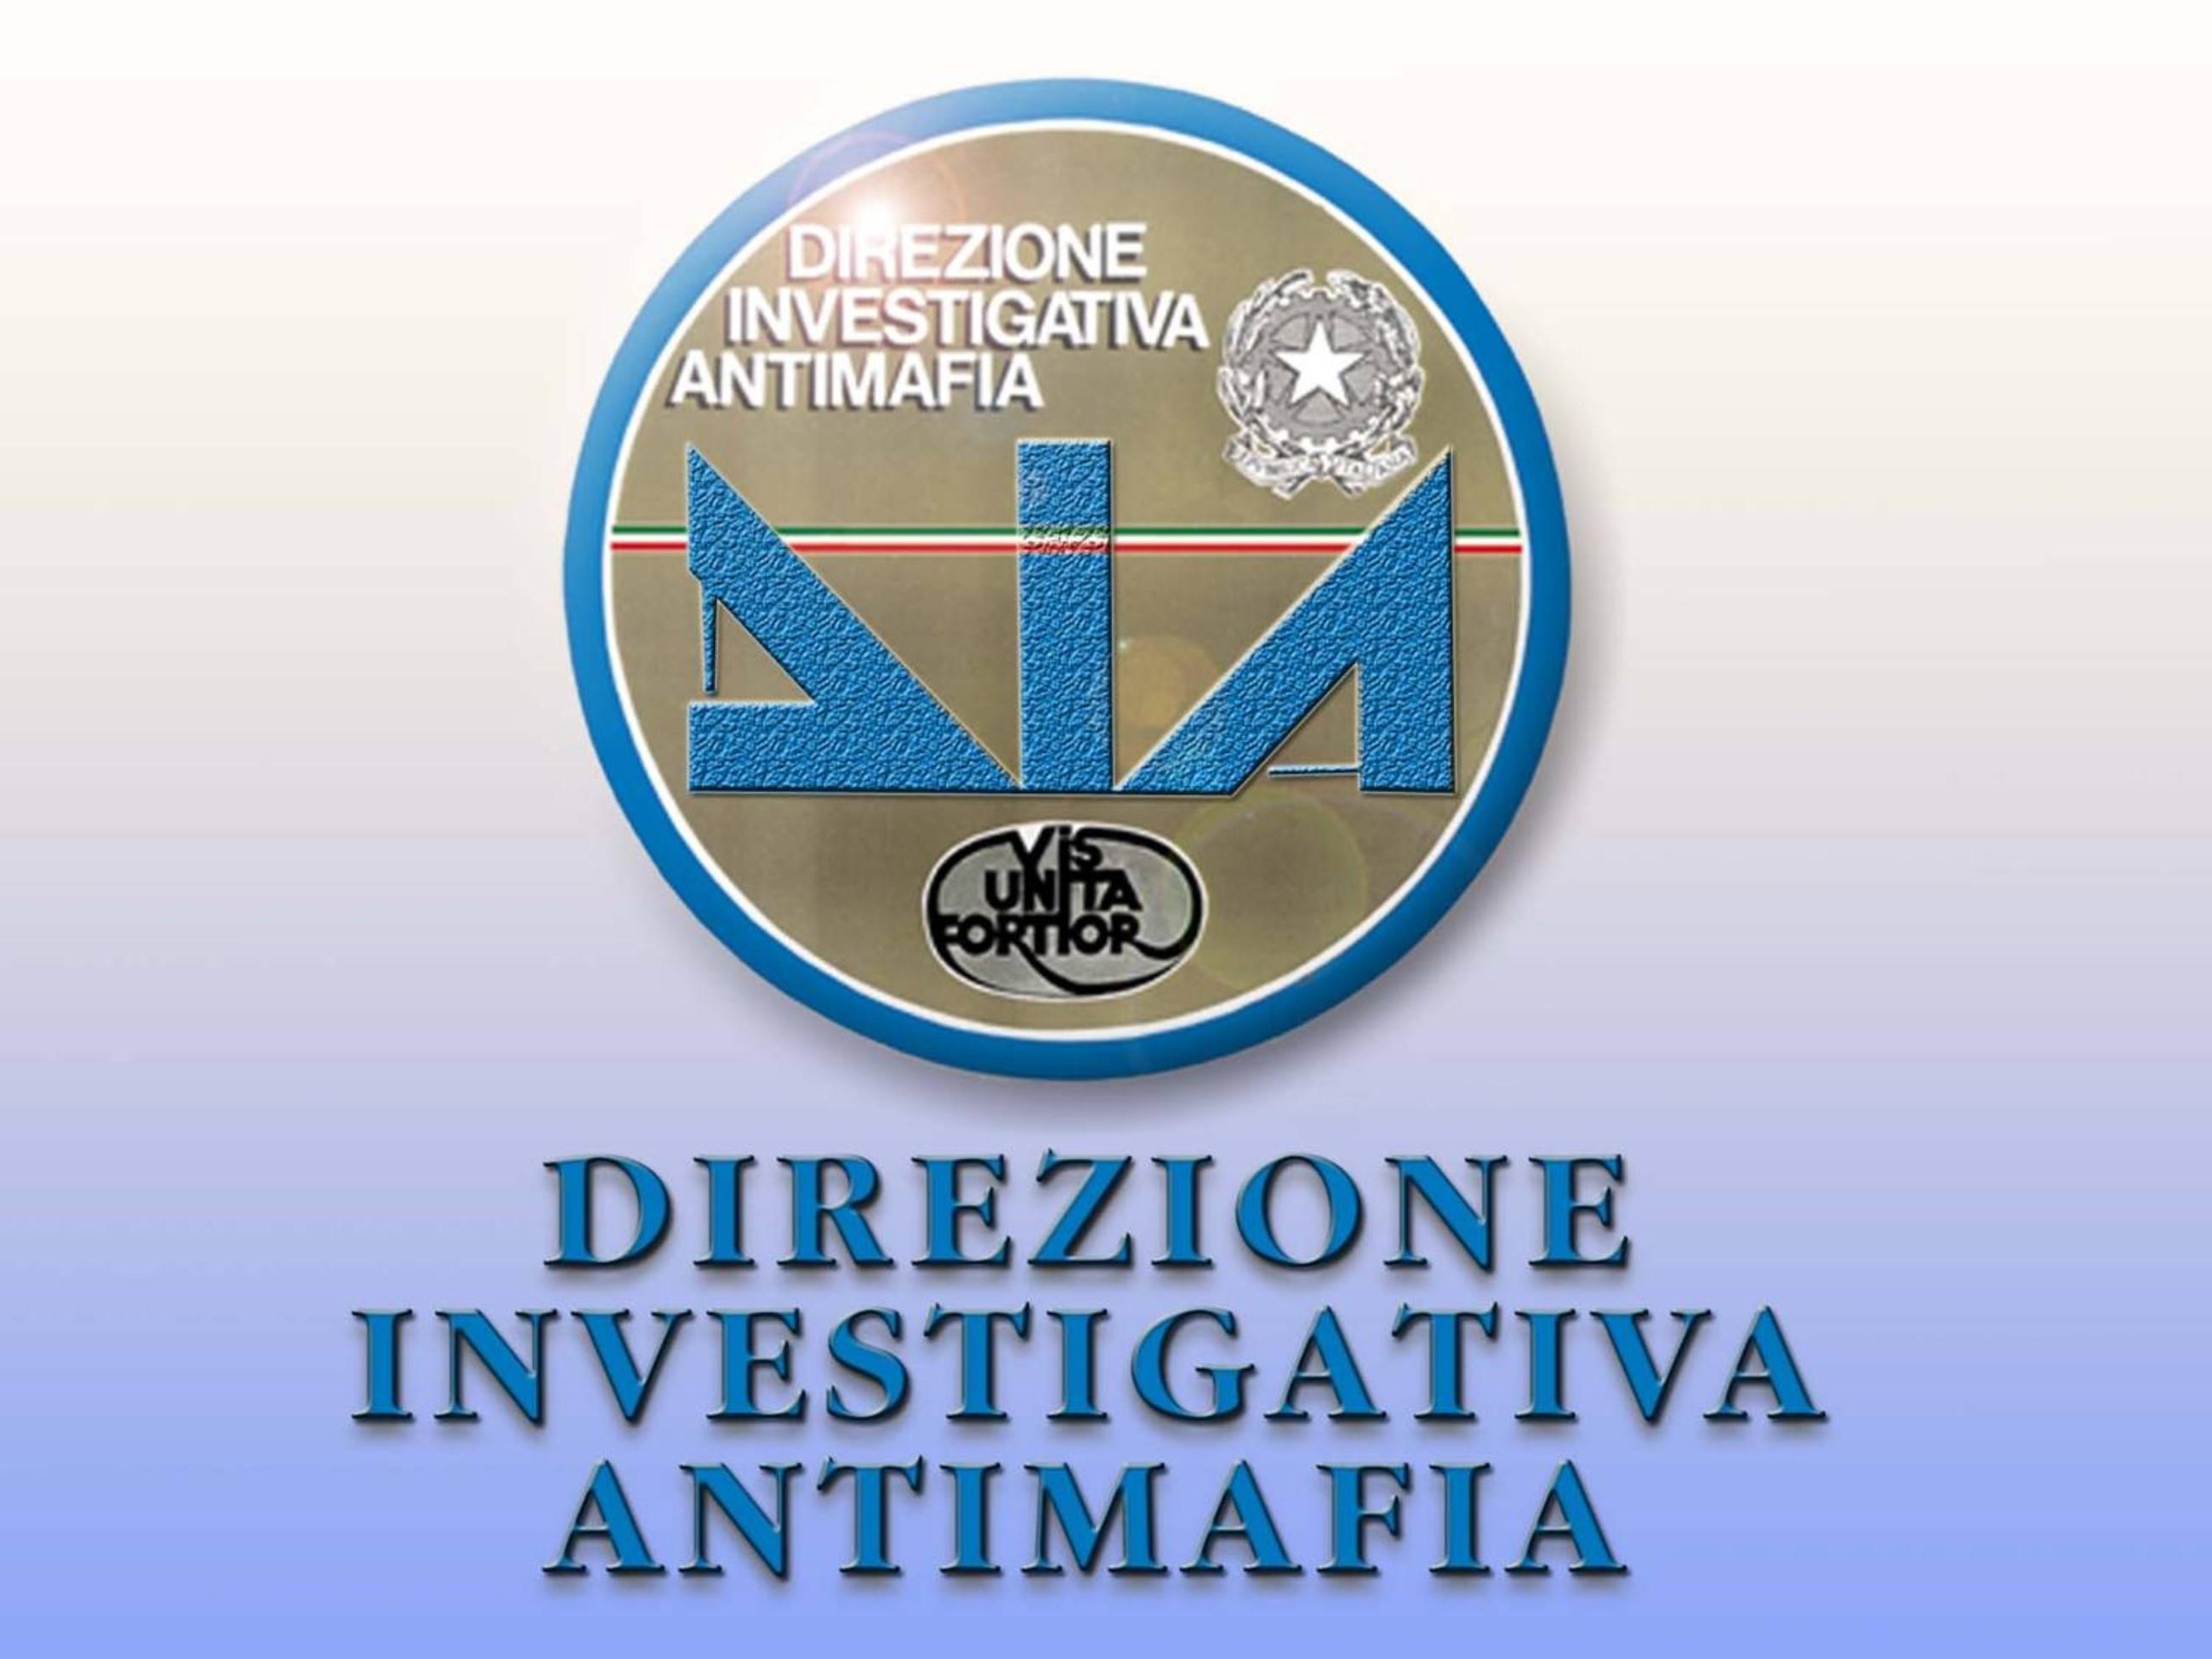 Direzione Investigativa Antimafia: sul sito di Avviso Pubblico la sintesi della Relazione sul 1°semestre del 2018